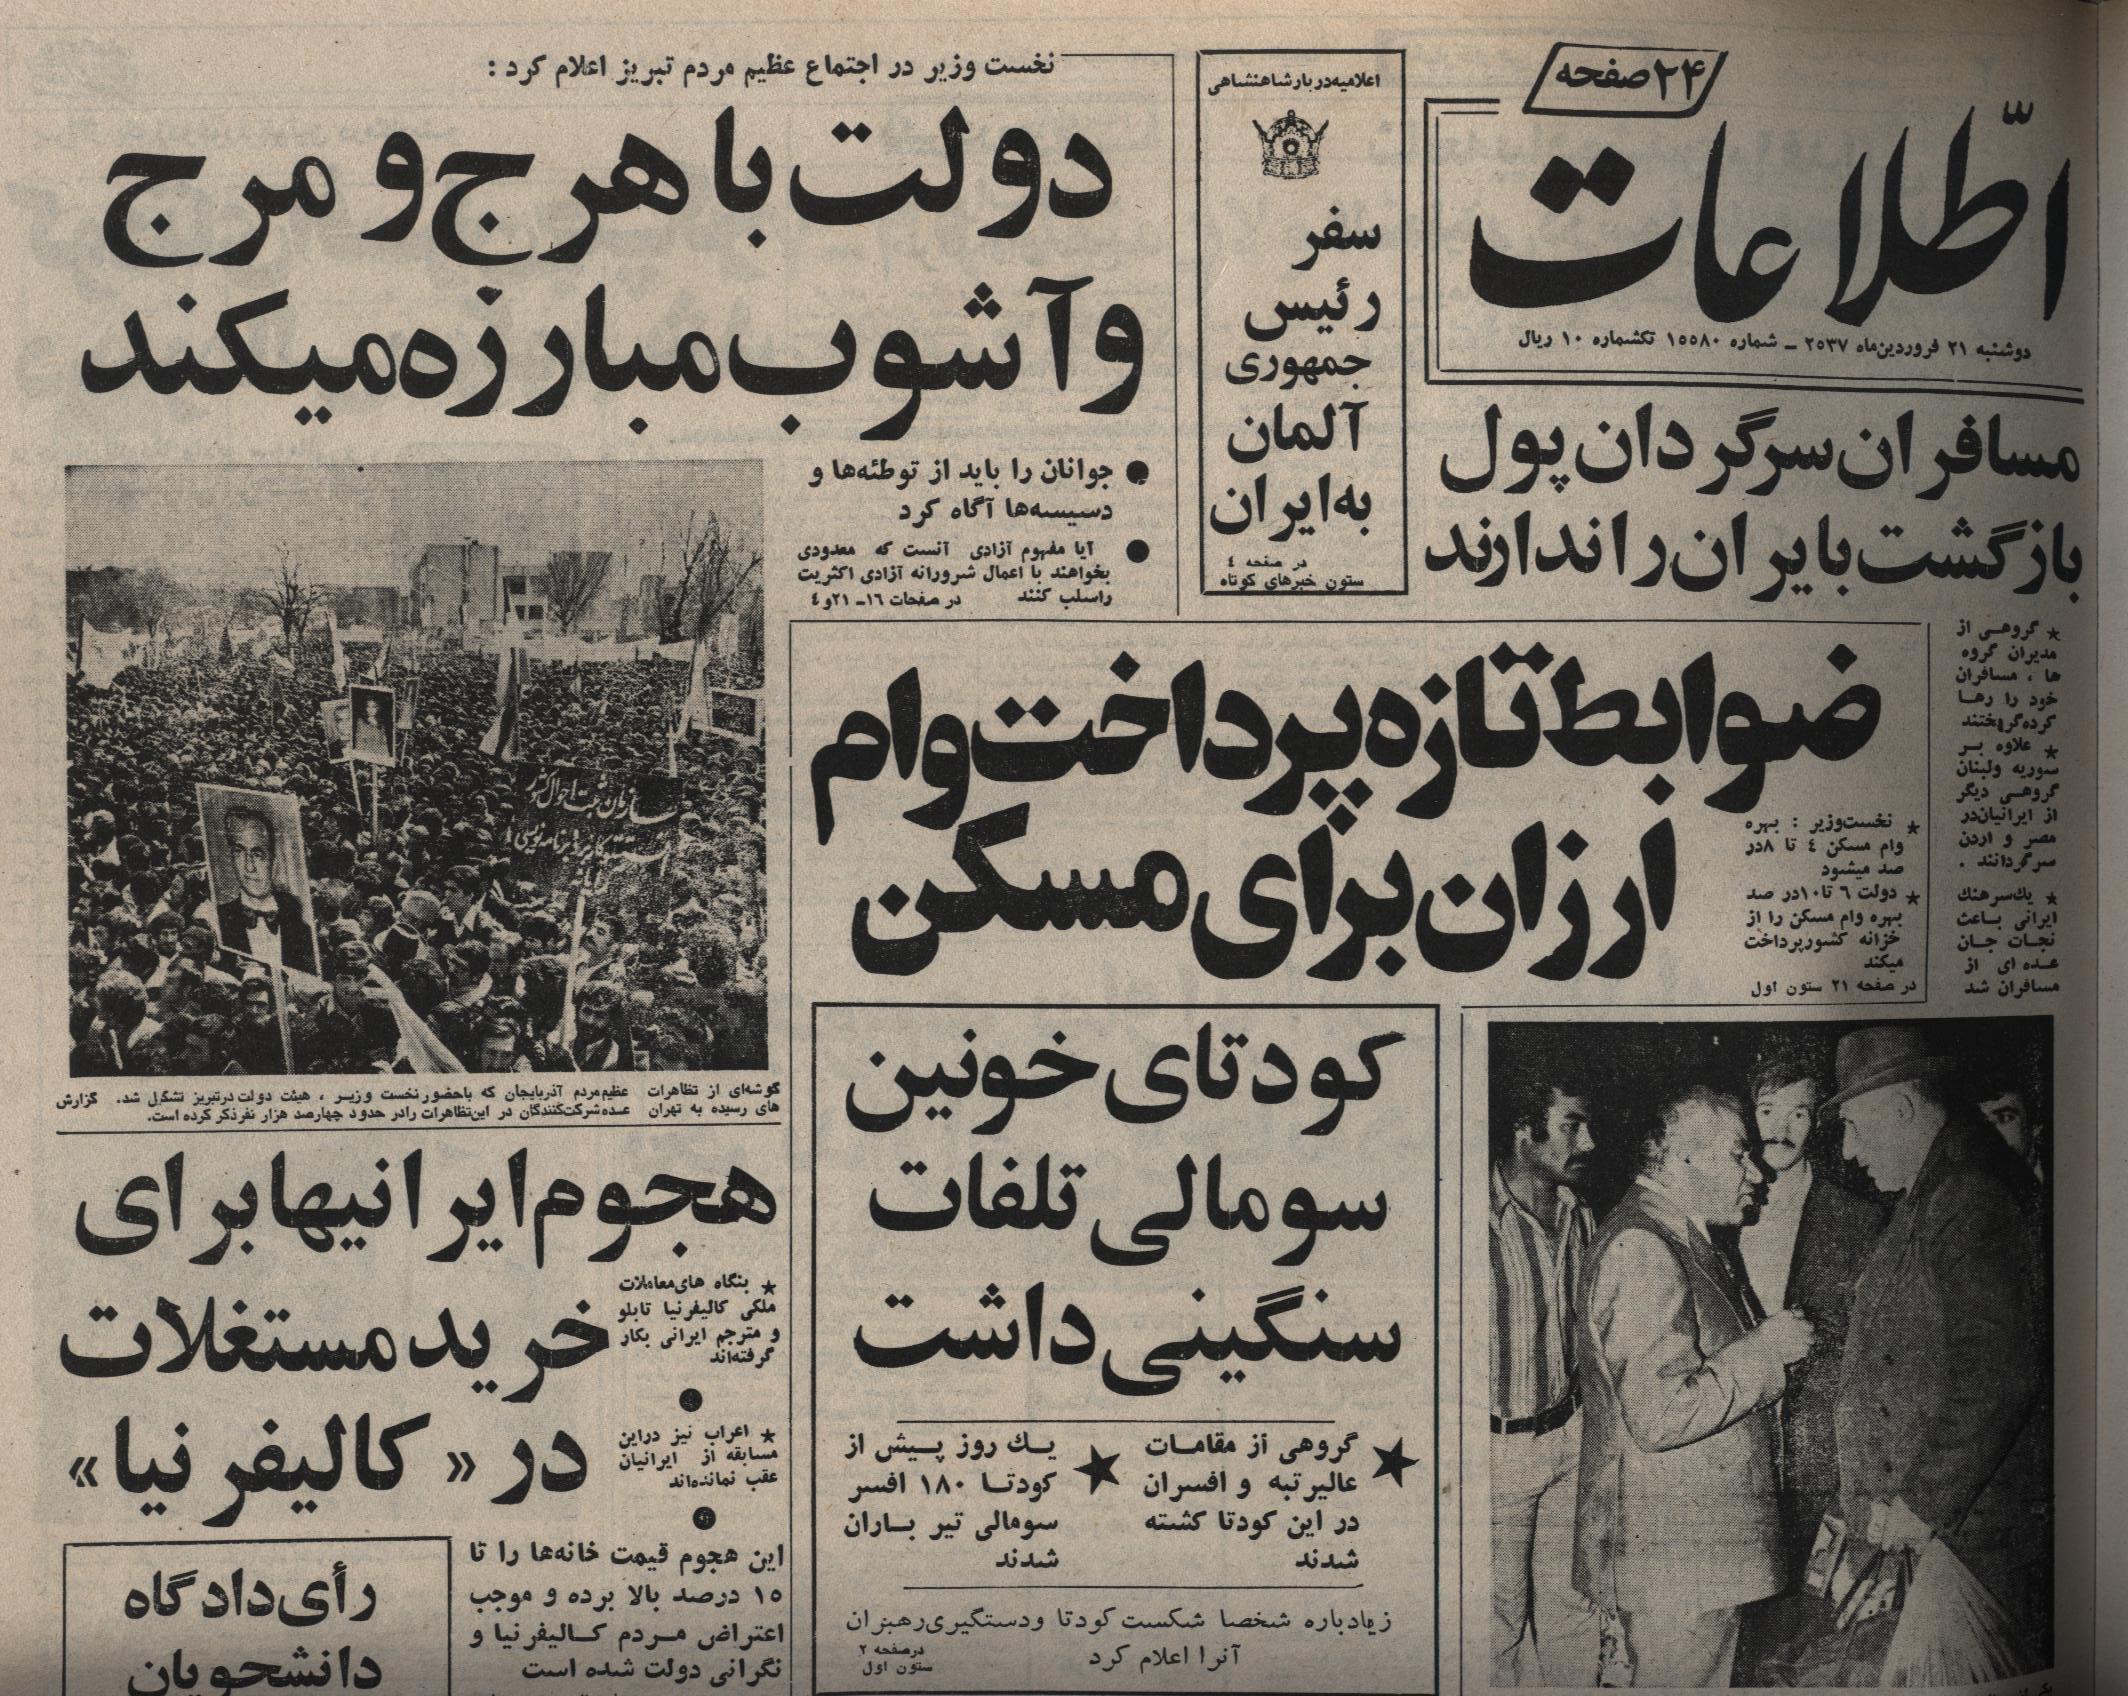 دانلود روزنامه زمان شاه